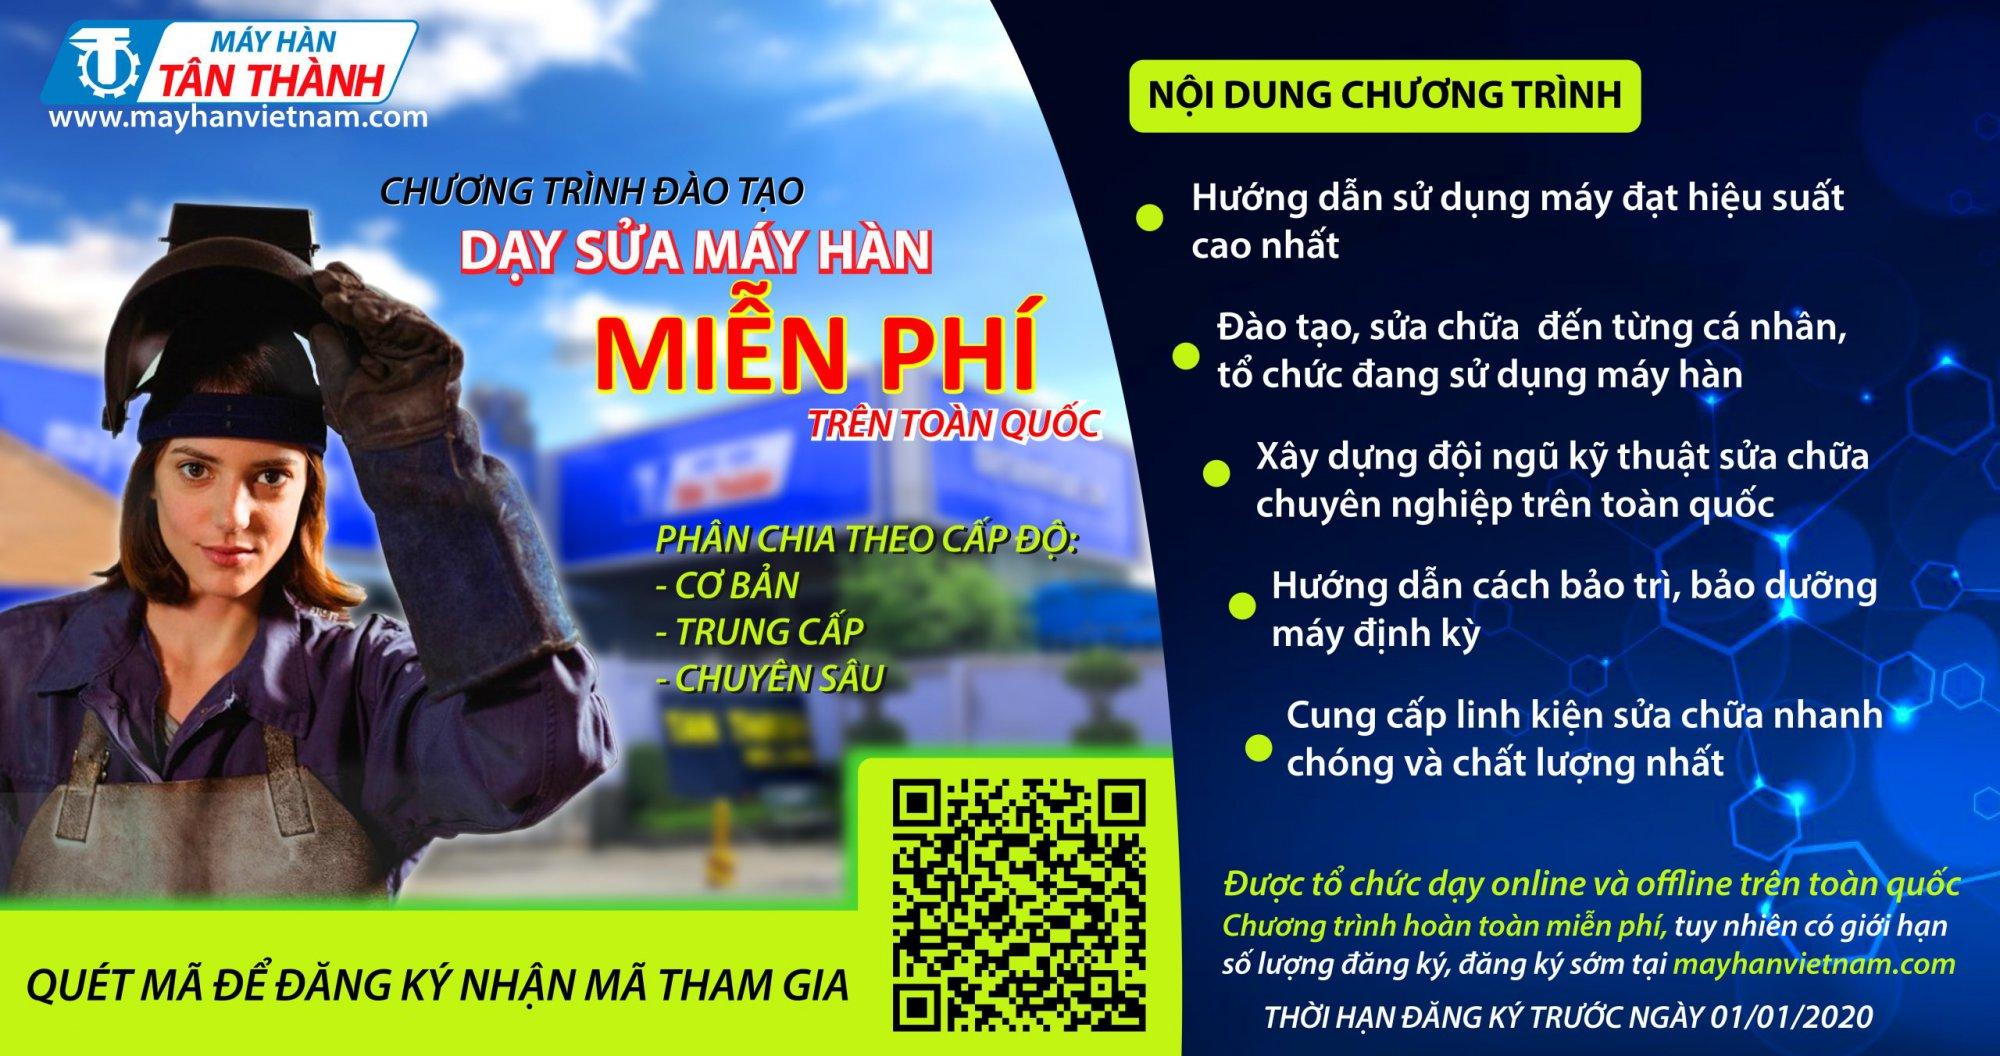 day-sua-may-han-mien-phi